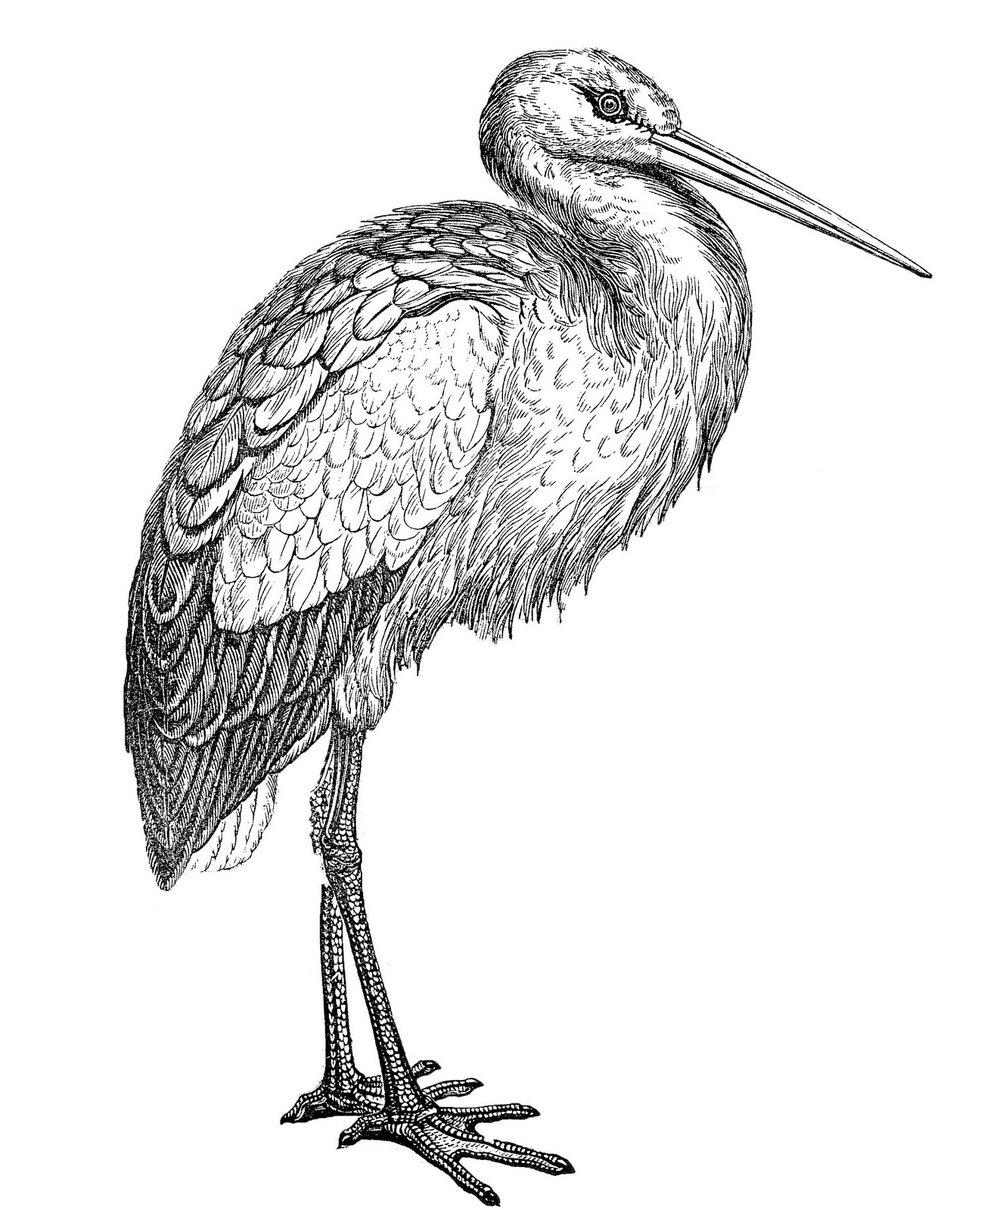 Der Weißstorch - Kennzeichen Gefieder weiß, nur Schwungfedern und Teil der Oberflügeldecken schwarz. Schnabel und Beine rot. Geschlechter nur sehr schwer zu unterscheiden, Schnabel des Männchens meist etwas länger und stärker. Jungvögel nach dem Ausfliegen nur während der ersten Wochen noch durch schwärzliche Schnabelspitze von den Altvögeln zu unterscheiden.Körpermaße Stehend etwa 80 Zentimeter hoch, 2600 bis 4400 Gramm schwer. Flügelspannweite bis zu 2 Meter, Schnabellänge 14-19 Zentimeter.Verbreitung Europa von Portugal im Westen bis etwa zum 40. LG nach Osten. Nordgrenze entlang der Ostseeküste. Besiedelt auch Teile Nordafrikas und Kleinasiens. Kleine Brutpopulation in Südafrika.Bestand Weltweit etwa 166.000 Brutpaare (1994), davon 4.300 in DtlLebensraum Offene Landschaften wie Flussniederungen mit periodischen Überschwemmungen, extensiv genutzte Wiesen und Weiden, Kulturlandschaft mit nahrungsreichen Kleingewässern.Nahrung Frösche, Reptilien, Mäuse, Insekten,Regenwürmer und Fische.Verhalten Tagaktiv. Segelt nach Möglichkeit, Ruderflug schwerfällig. Nahrungserwerb im Gehen. Nistplatztreue. Das Männchen trifft vor dem Weibchen ein und besetzt möglichst das Nest vom Vorjahr. Heftige Kämpfe mit Besetzern vorjähriger Nester. Begrüßung des Partners mit Klappern des Schnabels. Außerhalb der Brutzeit in kleineren oder größeren Verbänden.Fortpflanzung Brütet auf Hausdächern, Türmen, Strommasten oder Bäumen. Nimmt künstliche Nestunterlagen wie Wagenräder gerne an. Brutzeit Anfang April bis Anfang August. Eine Jahresbrut. 3-5 (7) Eier. Beide Partner brüten. Brutdauer 32-33 Tage. Nestlingszeit: etwa 2 Monate. Futter wird im Kehlsack zum Nest getragen und ausgewürgt.Alter Ältester Ringfund 35 Jahre. Durchschnittsalter 8-10 Jahre.Fakten: www.nabu.de /Illustration:www.thegraphicsfairy.com